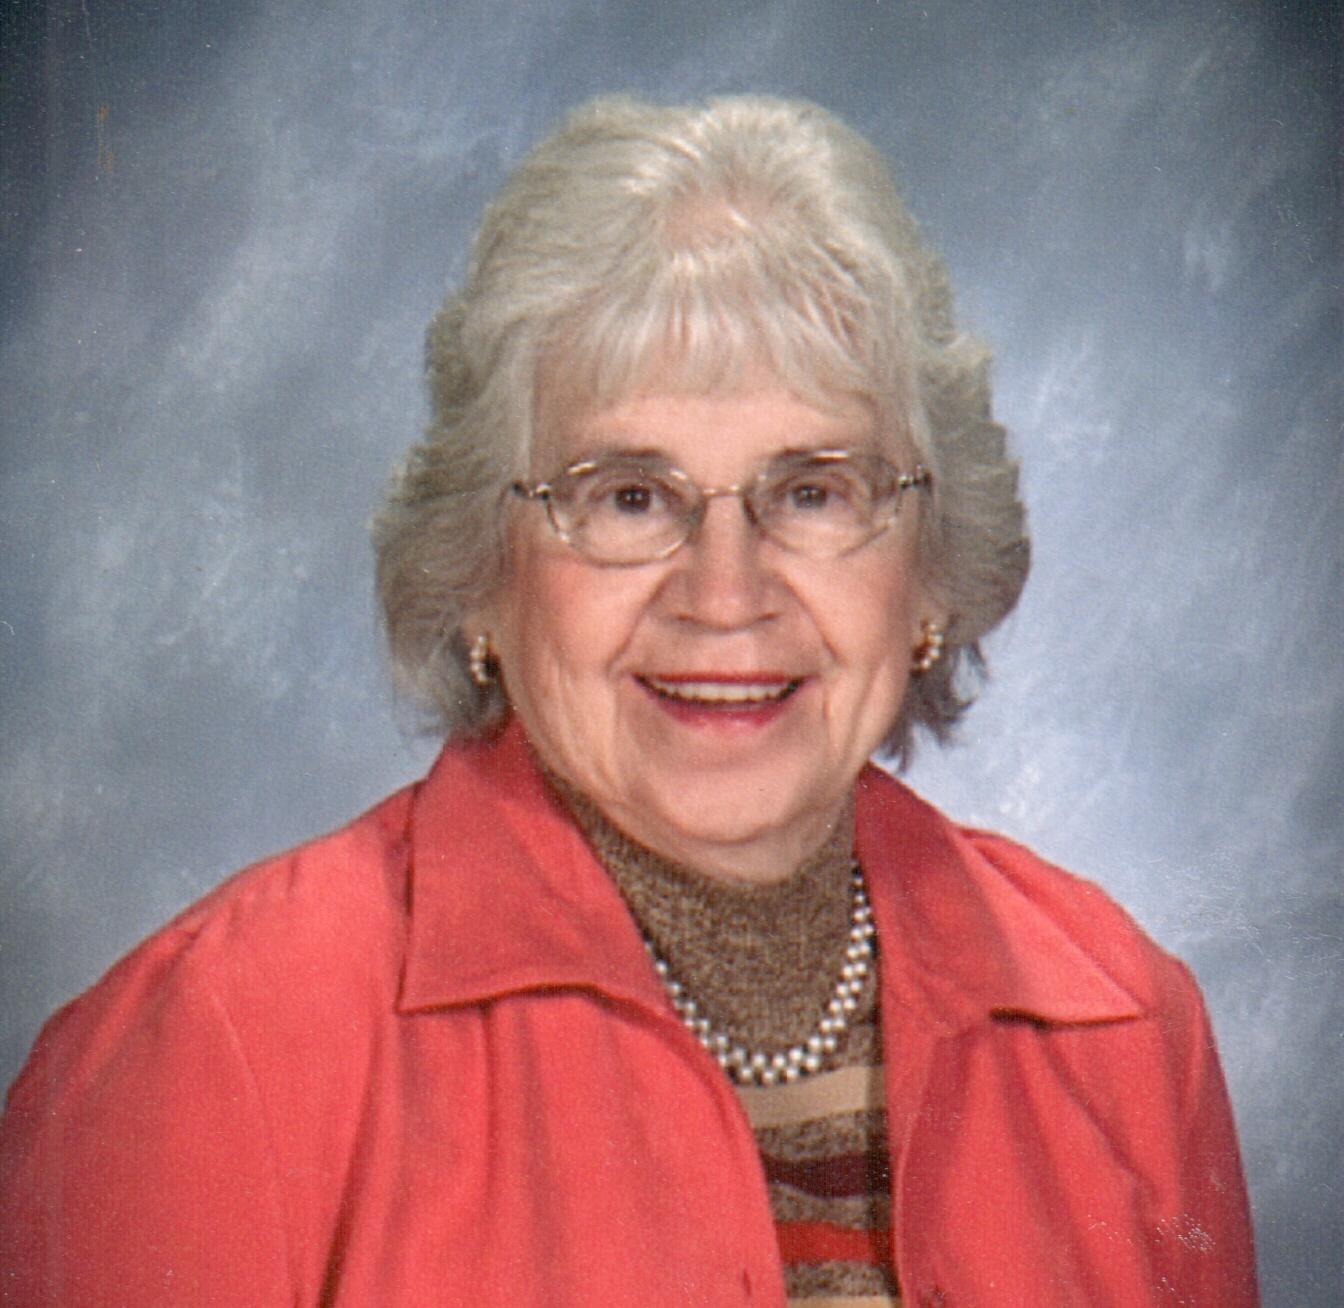 Liseta T. Buechler, age 88 of Jasper